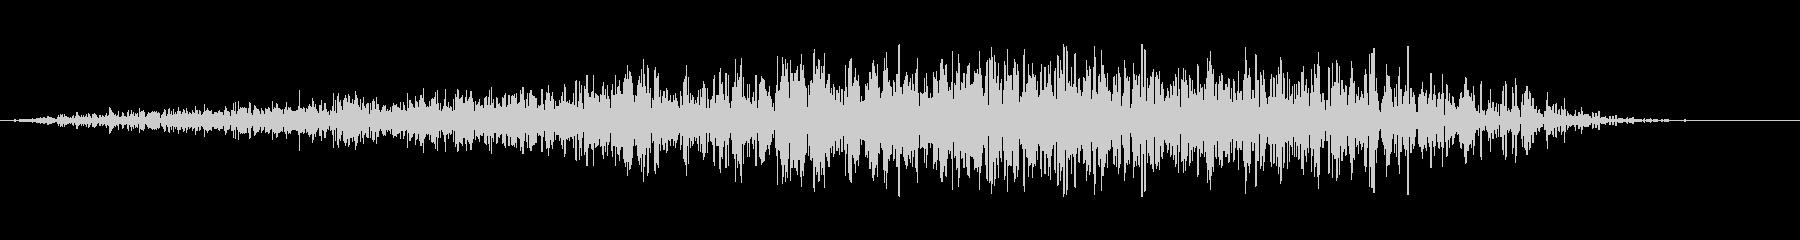 シューッという音EC07_91_5の未再生の波形